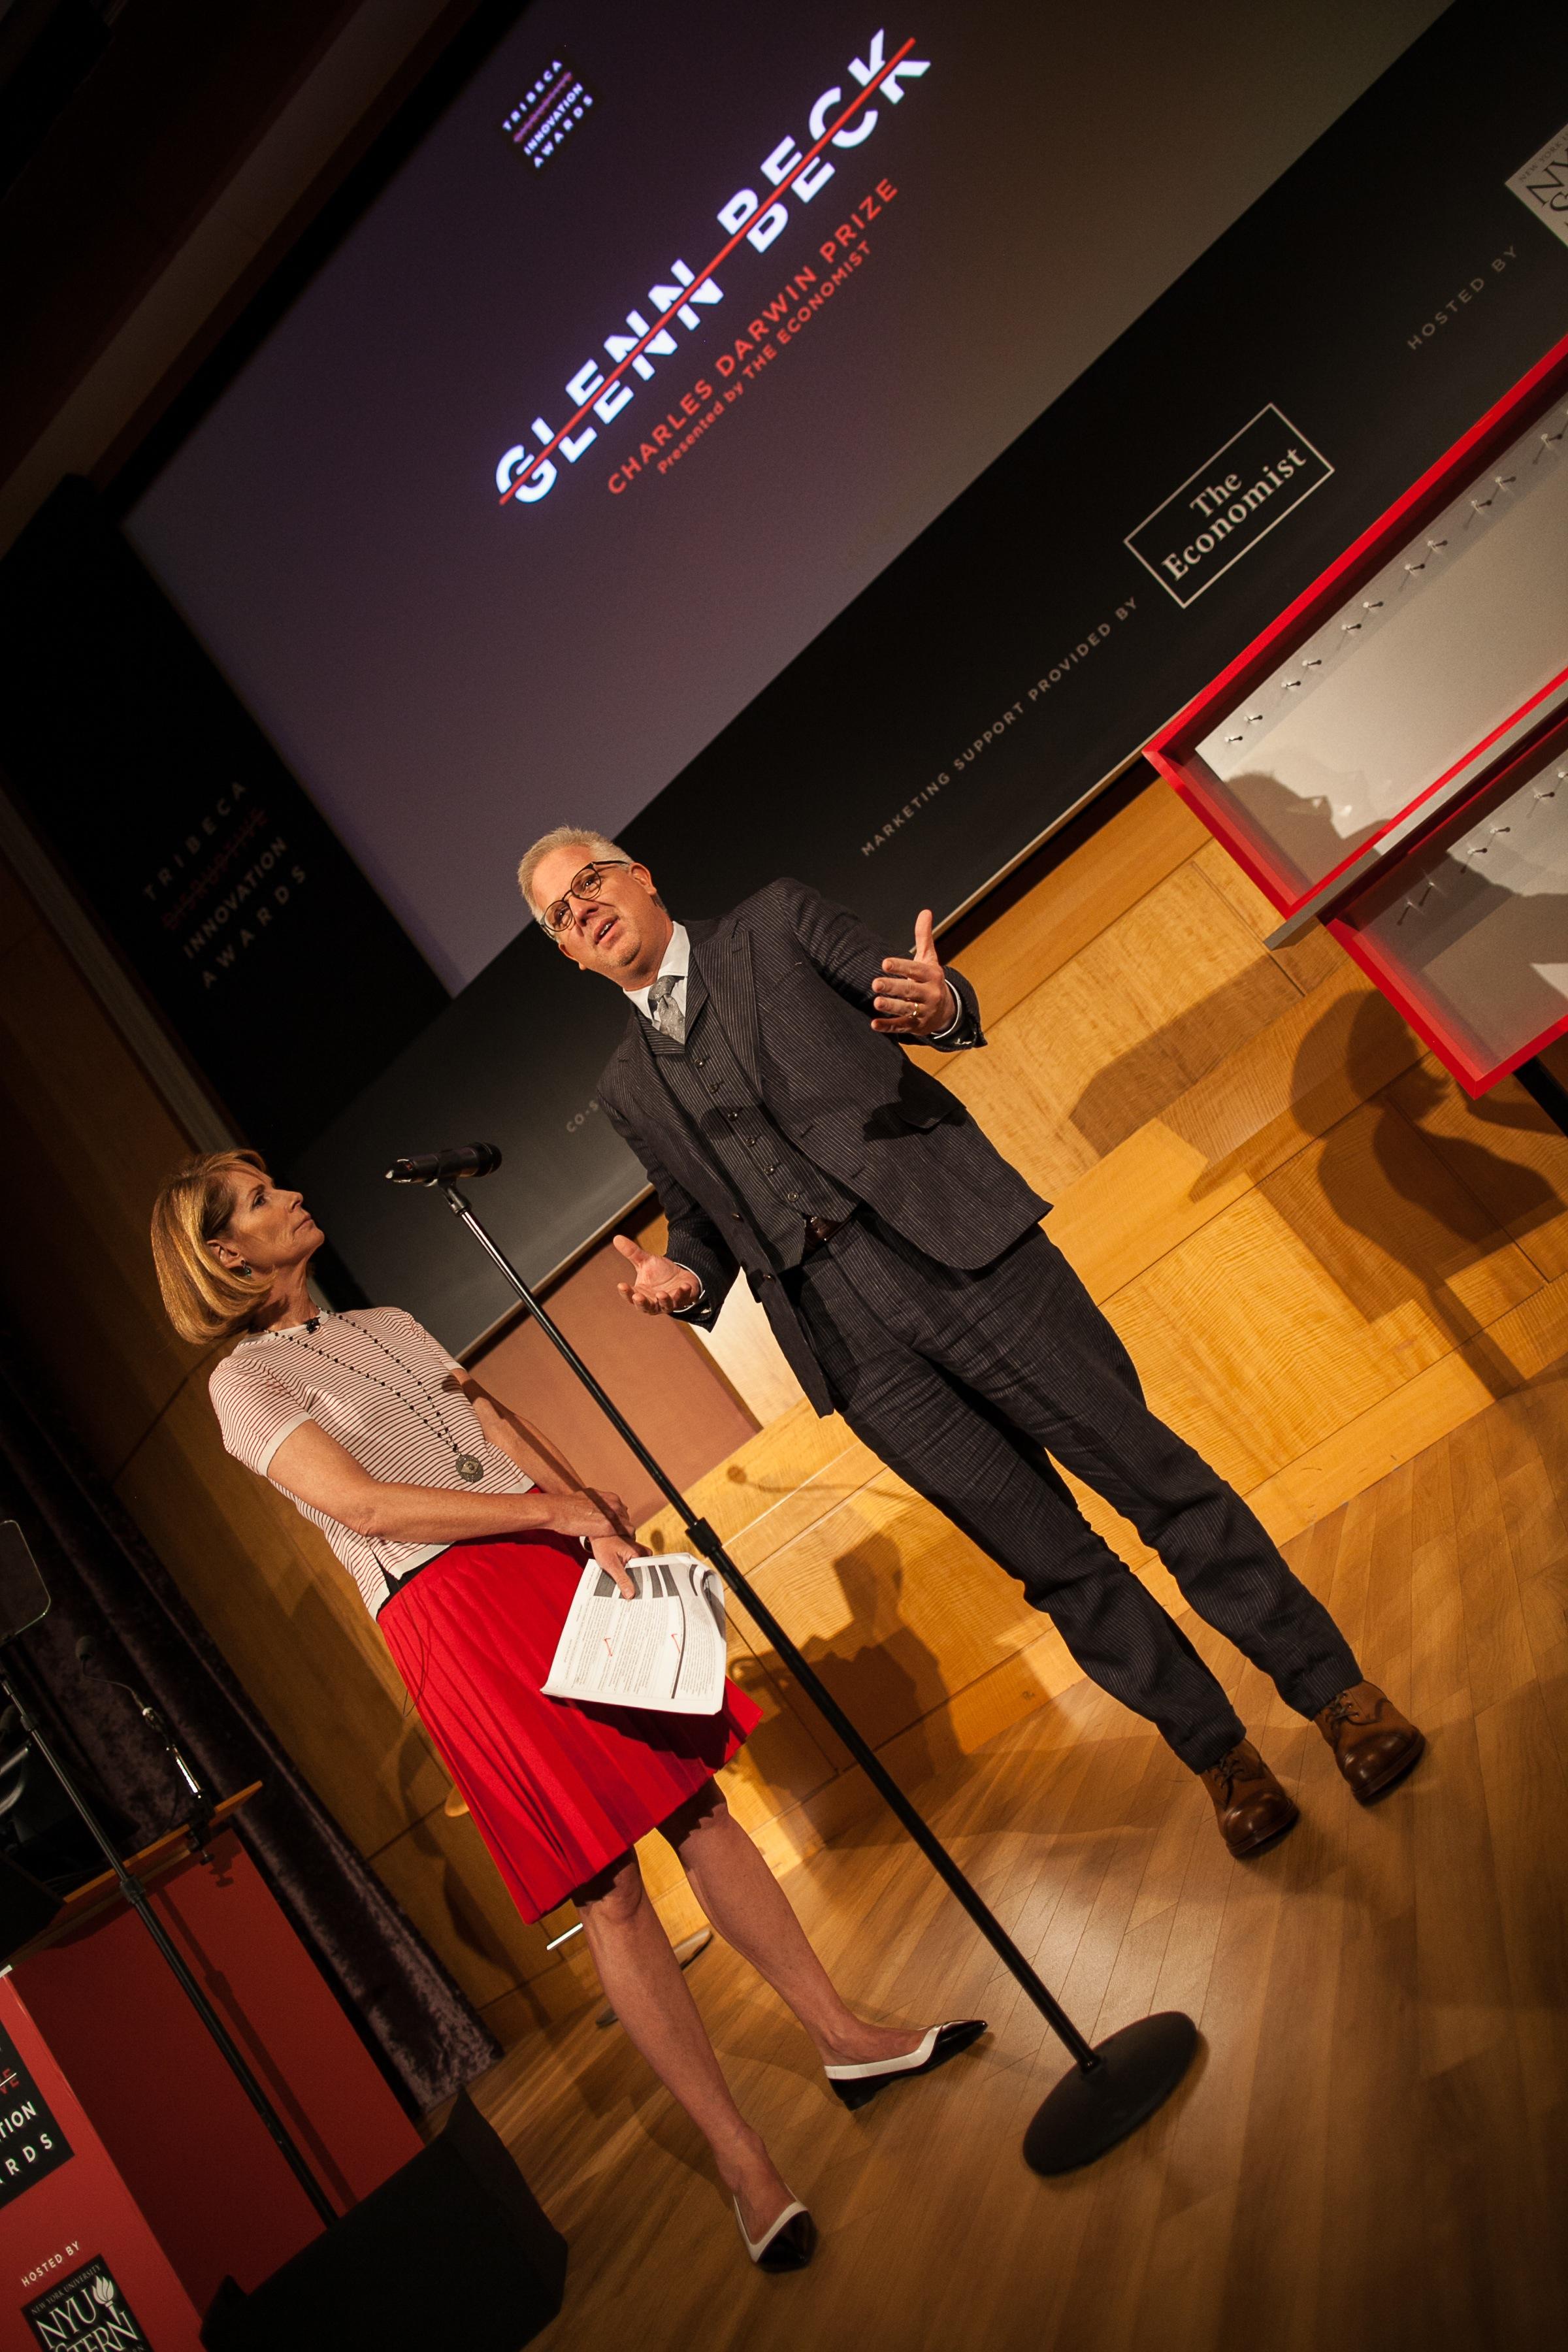 Tribeca Disruptive Innovation Awards 2013 - 133.jpg